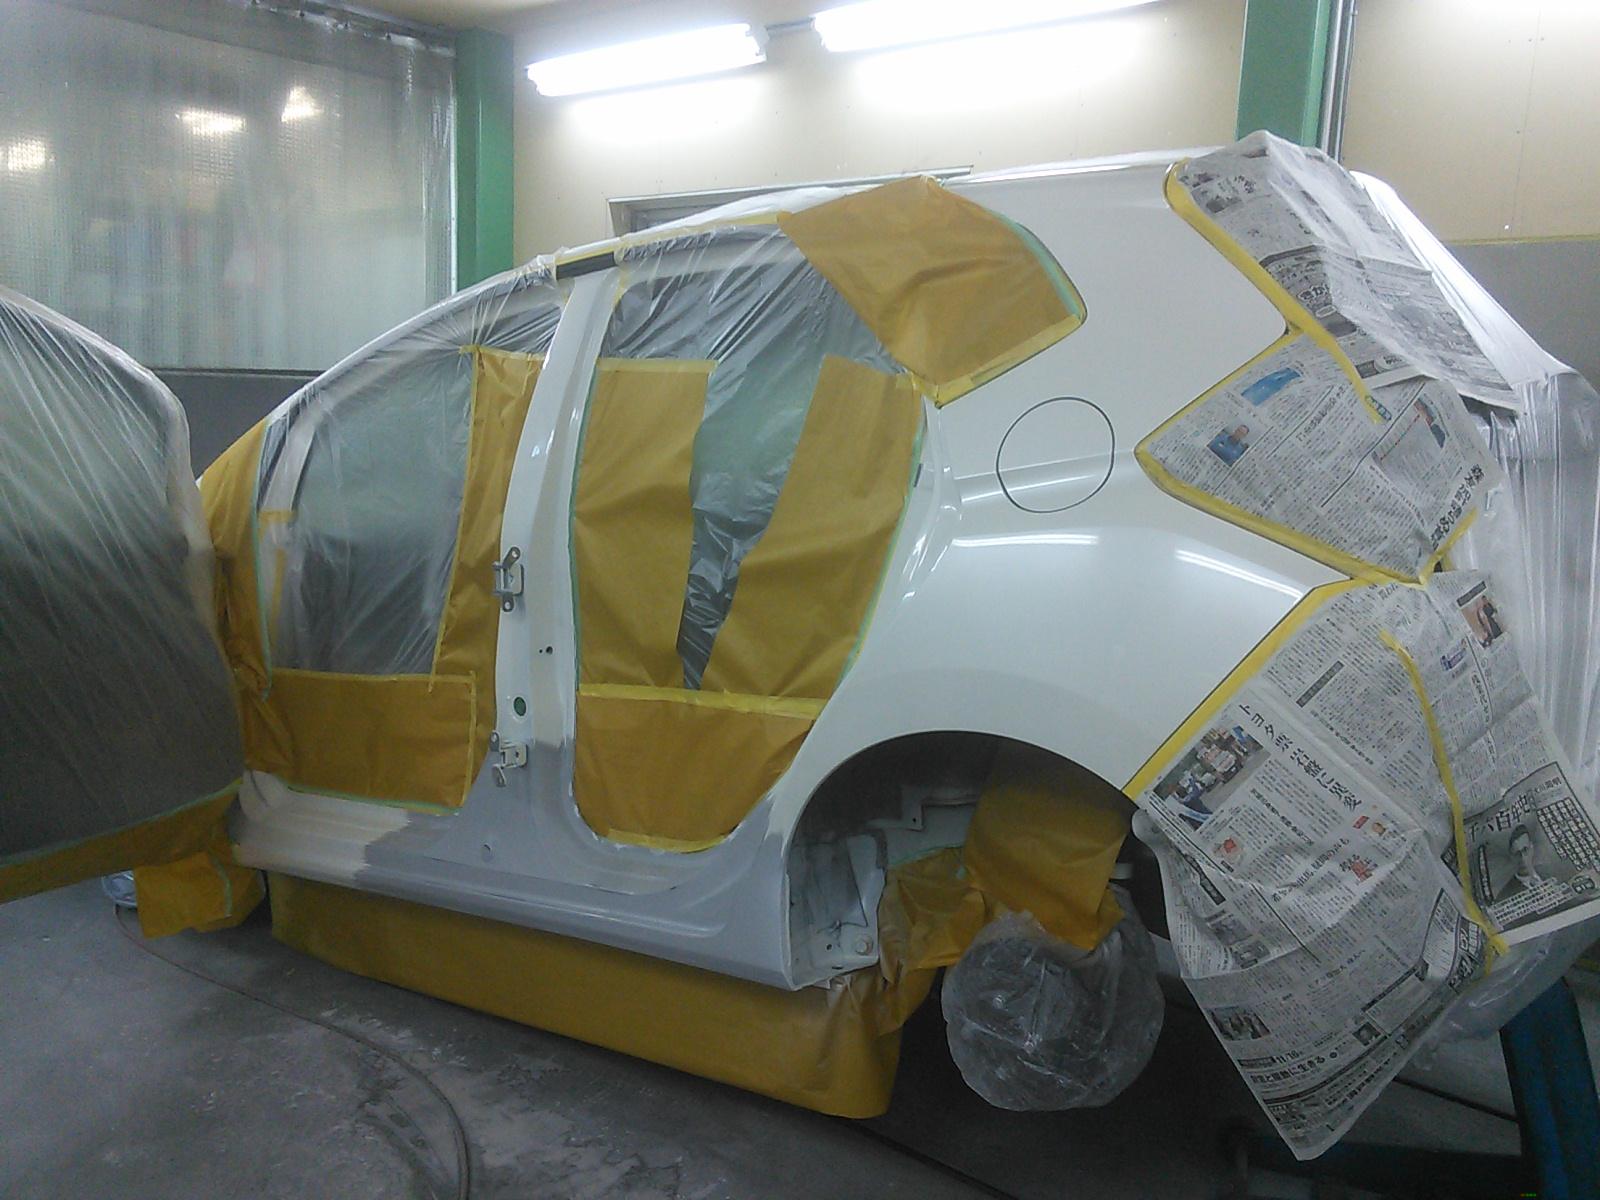 フィット ロッカーパネル交換。もしかして花粉症?  豊田市 板金塗装。